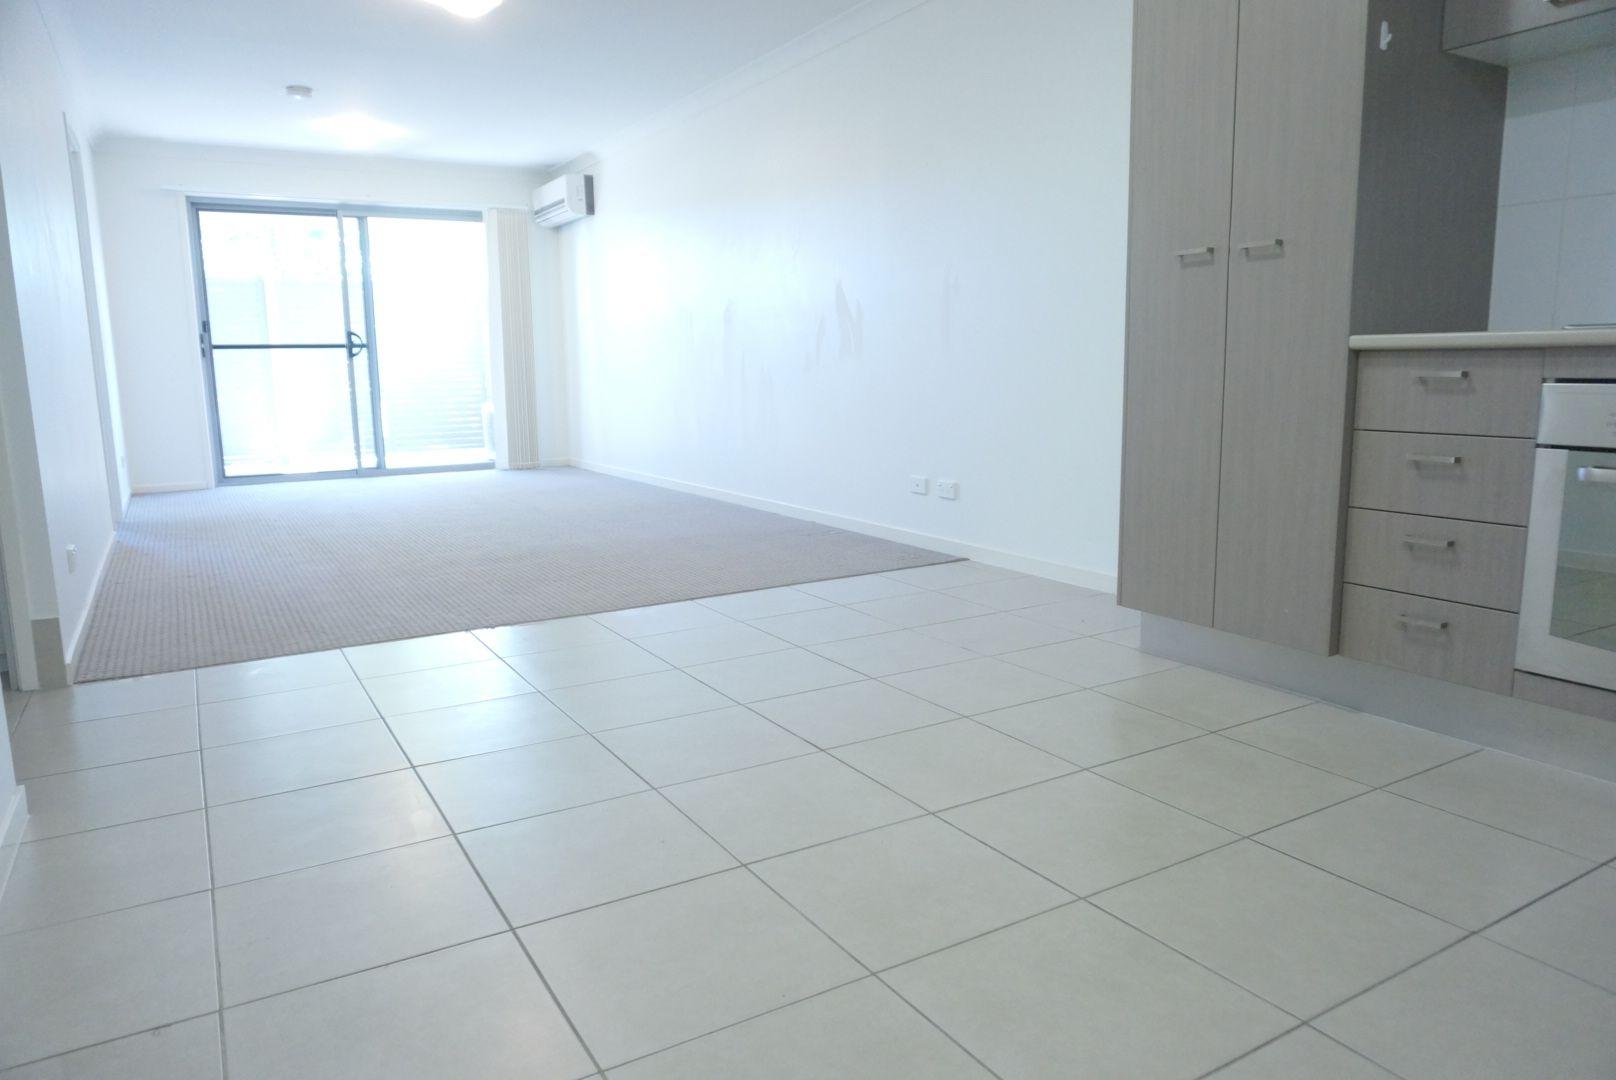 5/137 Duffield road, Kallangur QLD 4503, Image 1